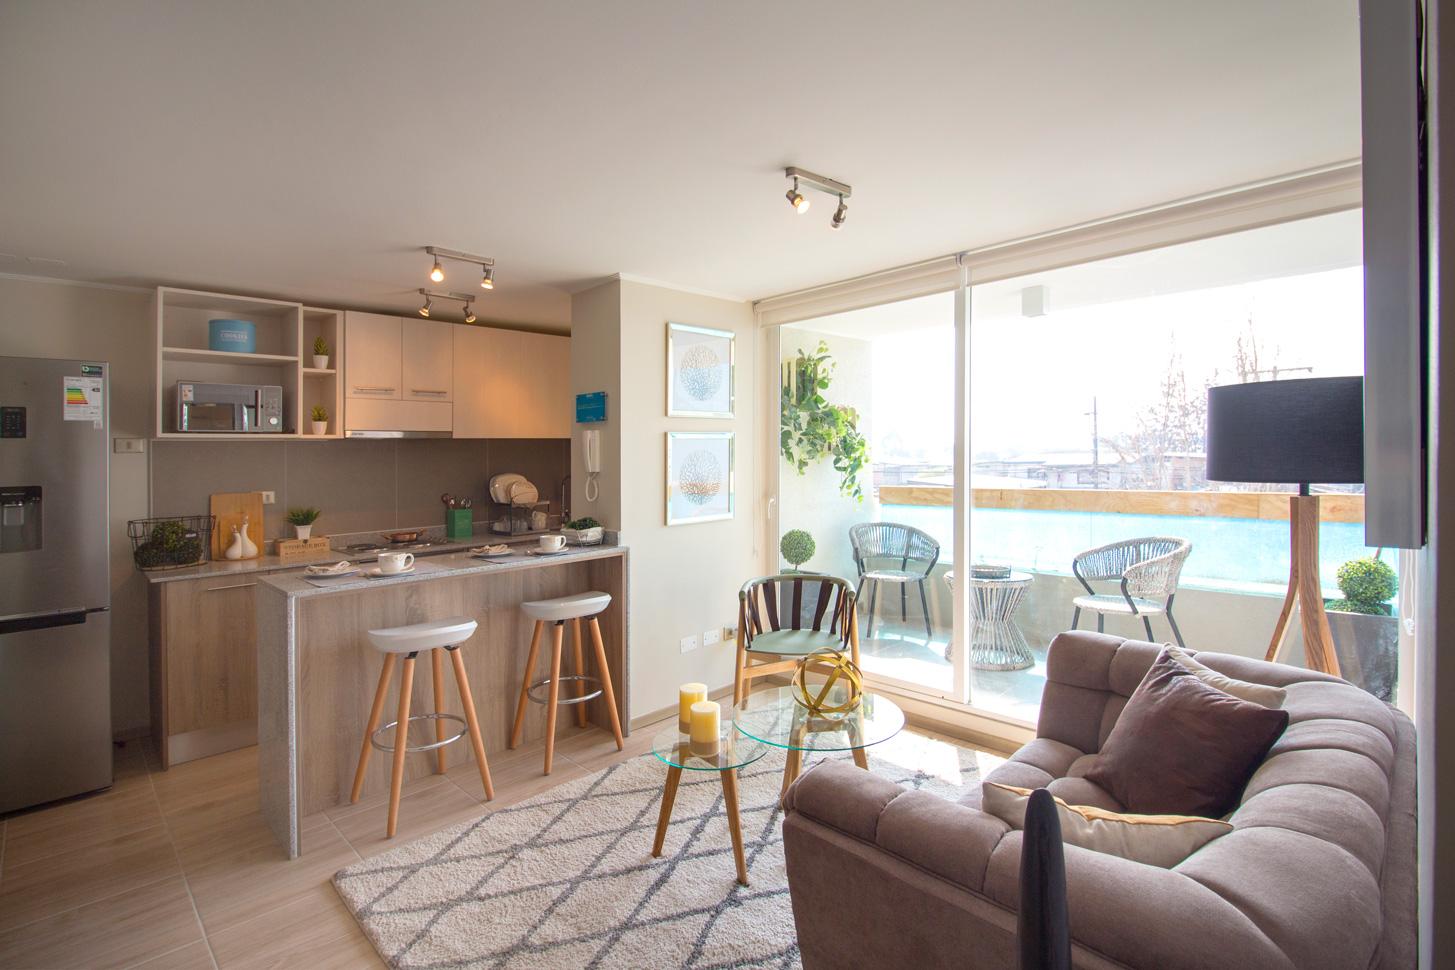 Grupo Inmobiliario Pacal tiene proyectos que cuentan con amplios habitaciones, donde destaca la comodidad del living comedor.